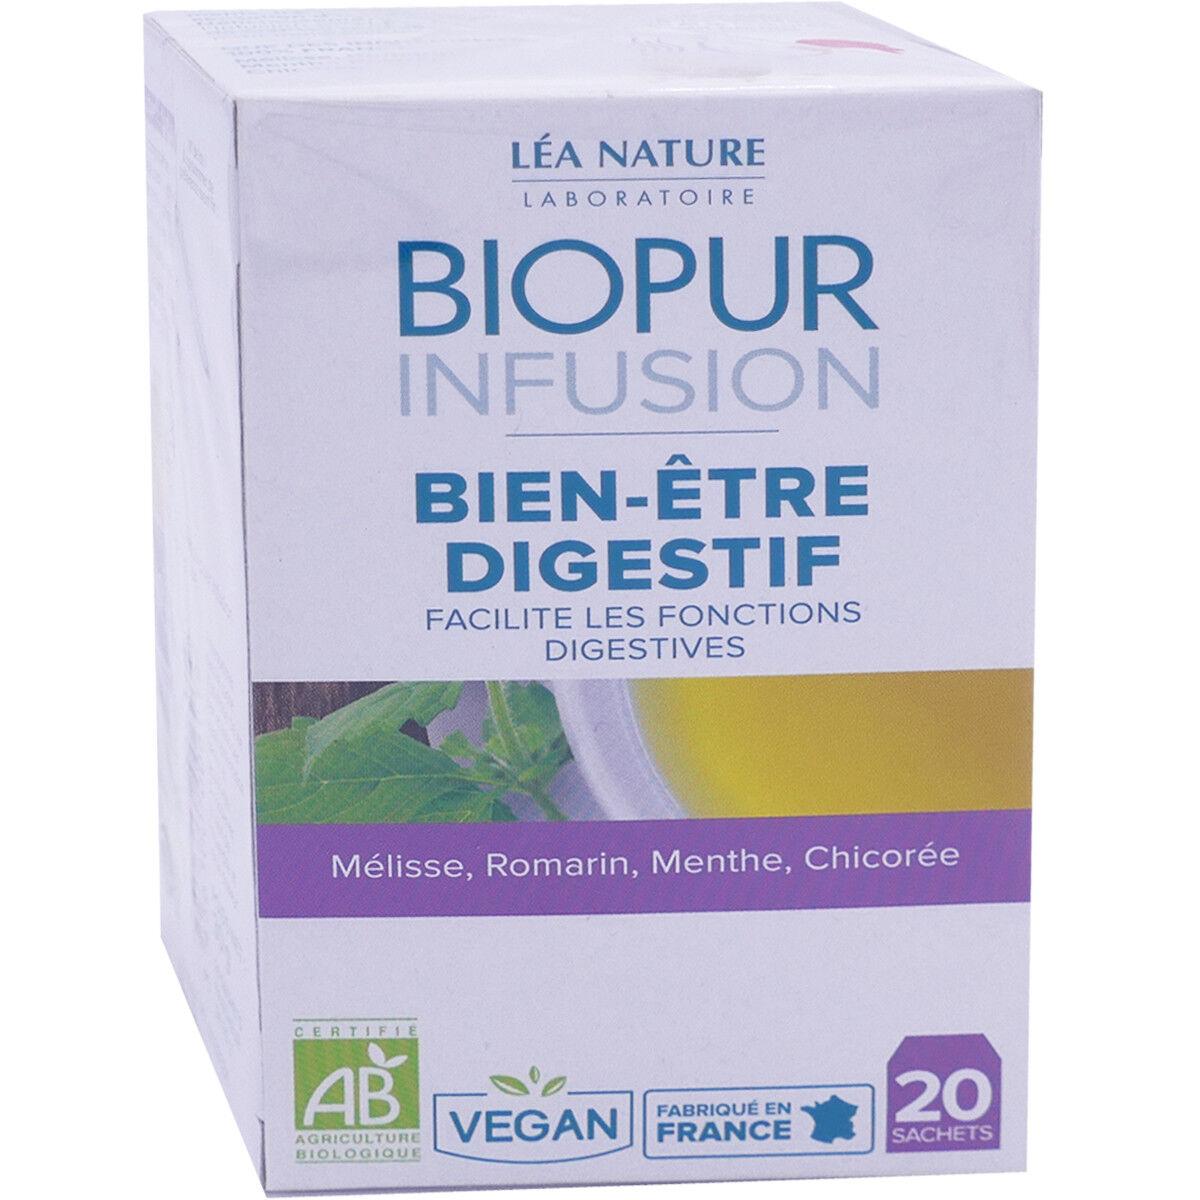 LEA NATURE Biopur infusion bien etre digestif 20 sachets bio